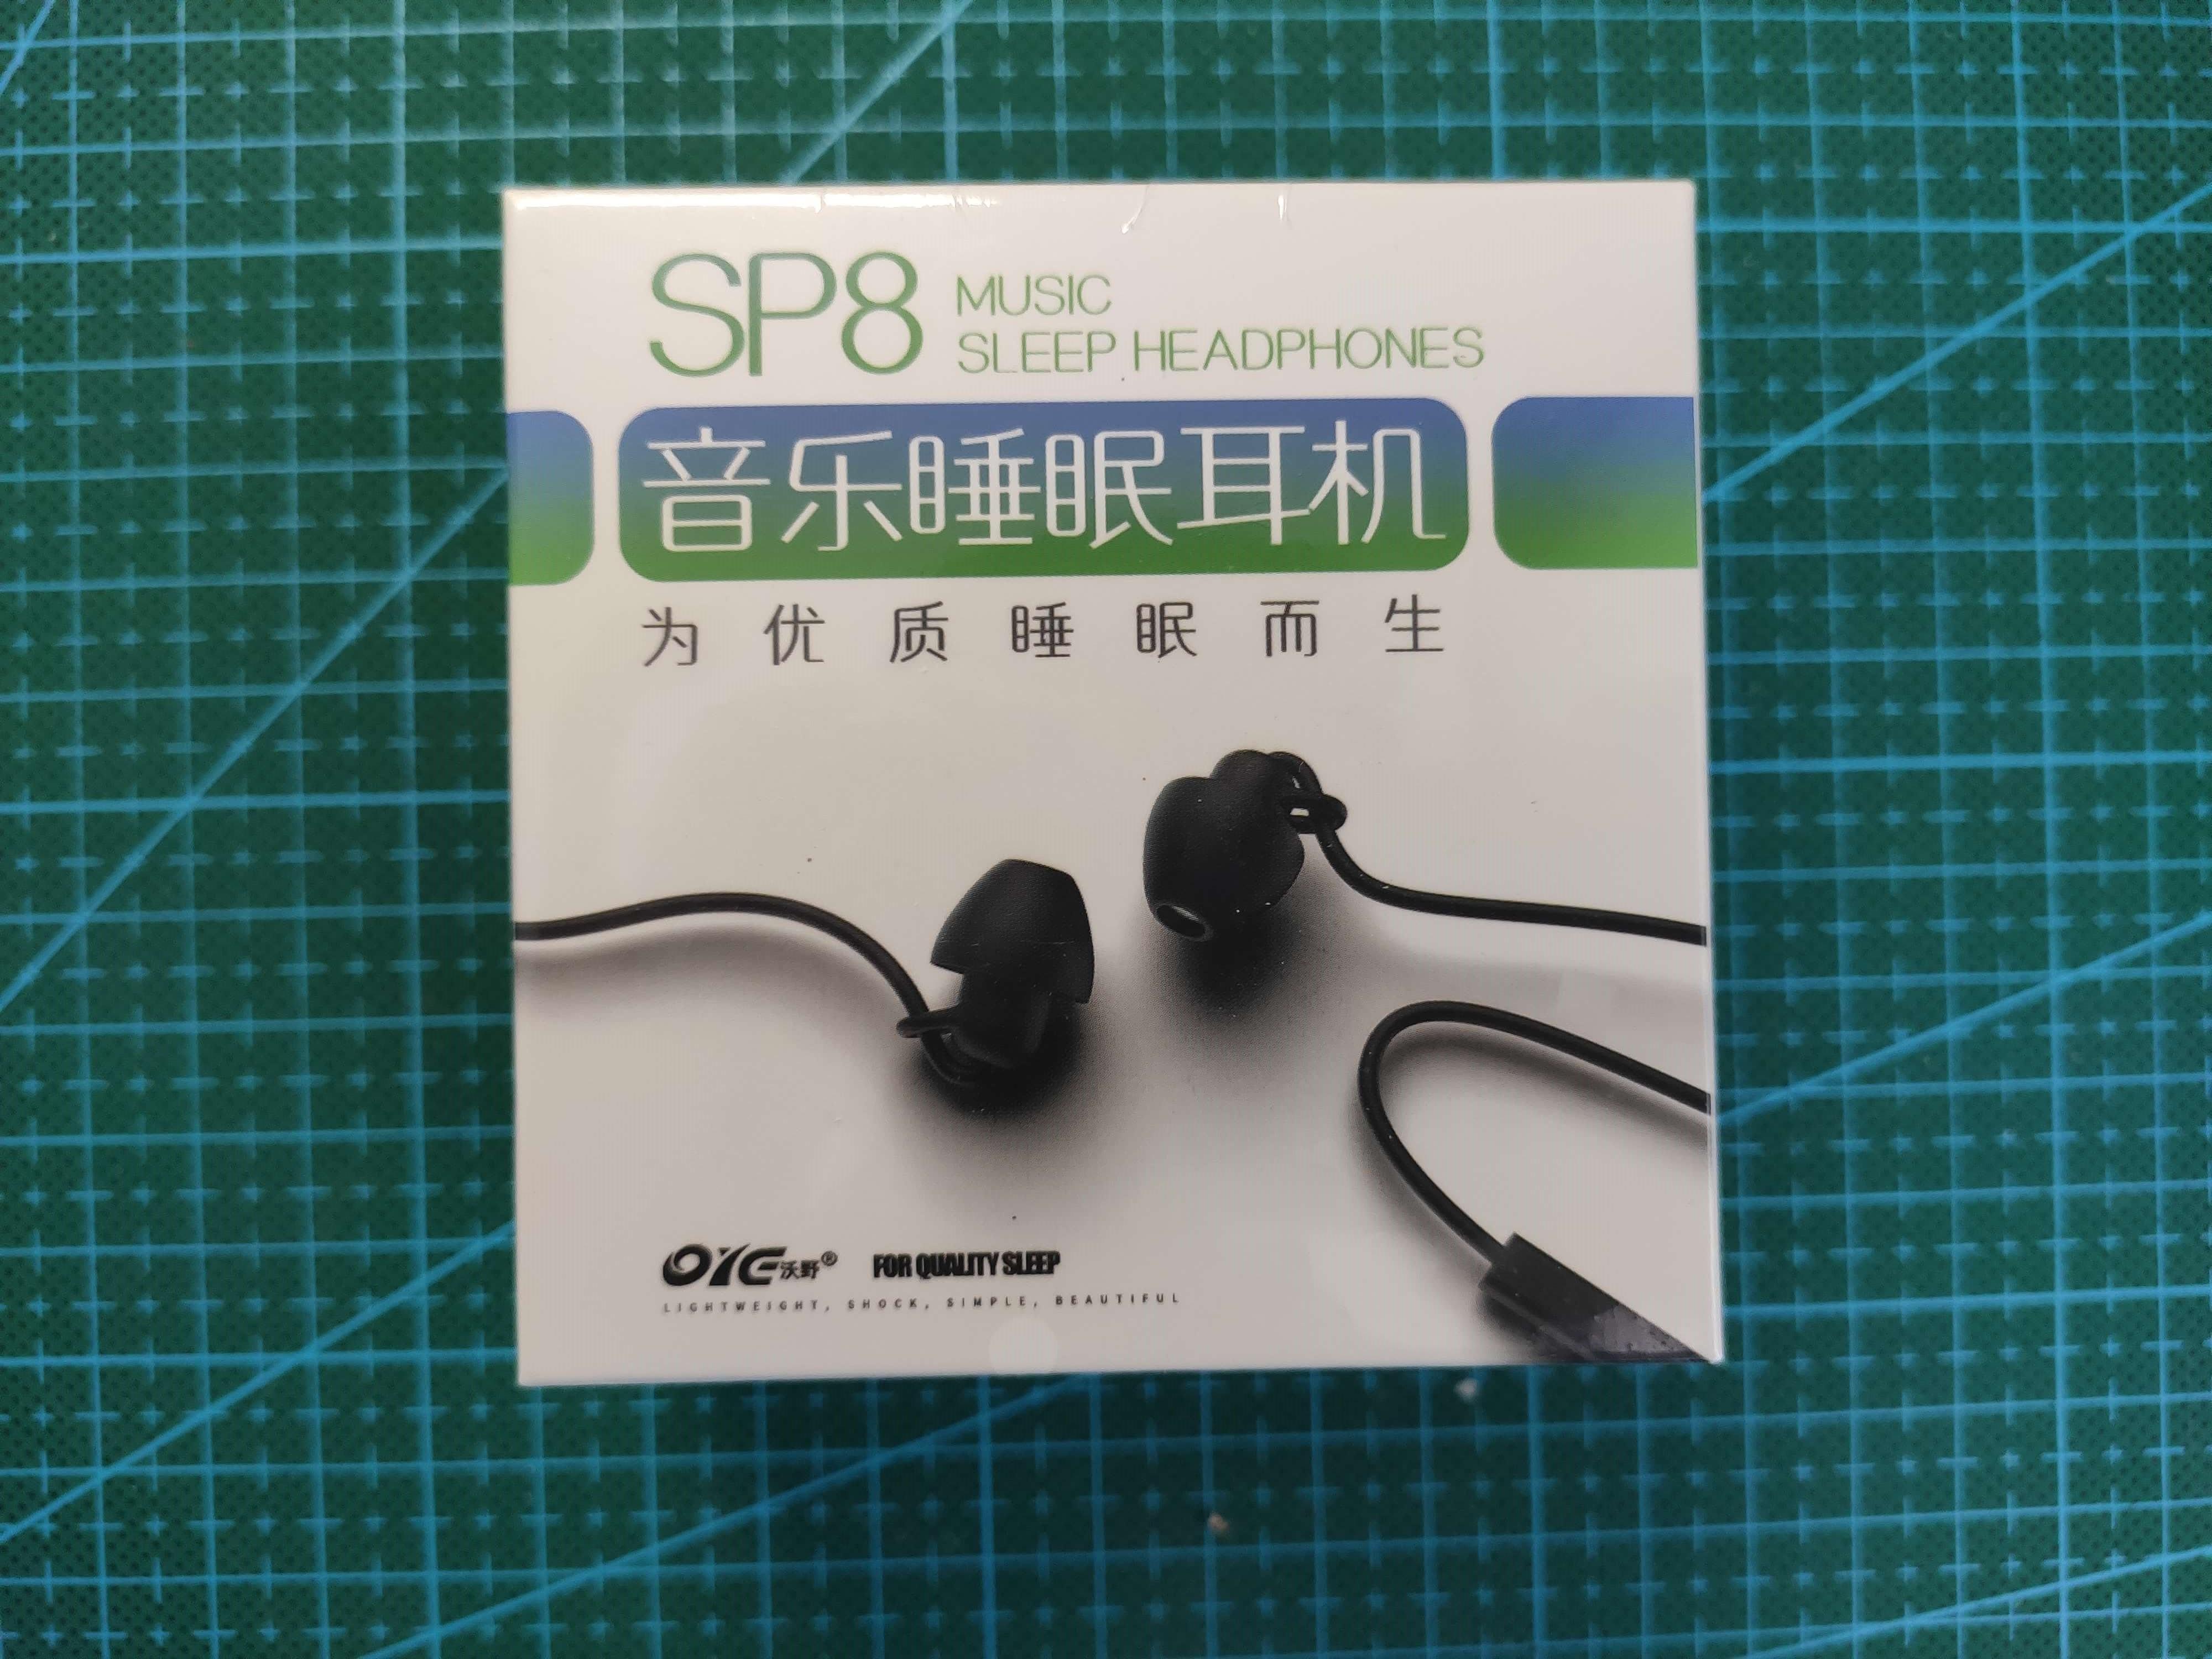 SP8 睡眠耳机开箱与简评